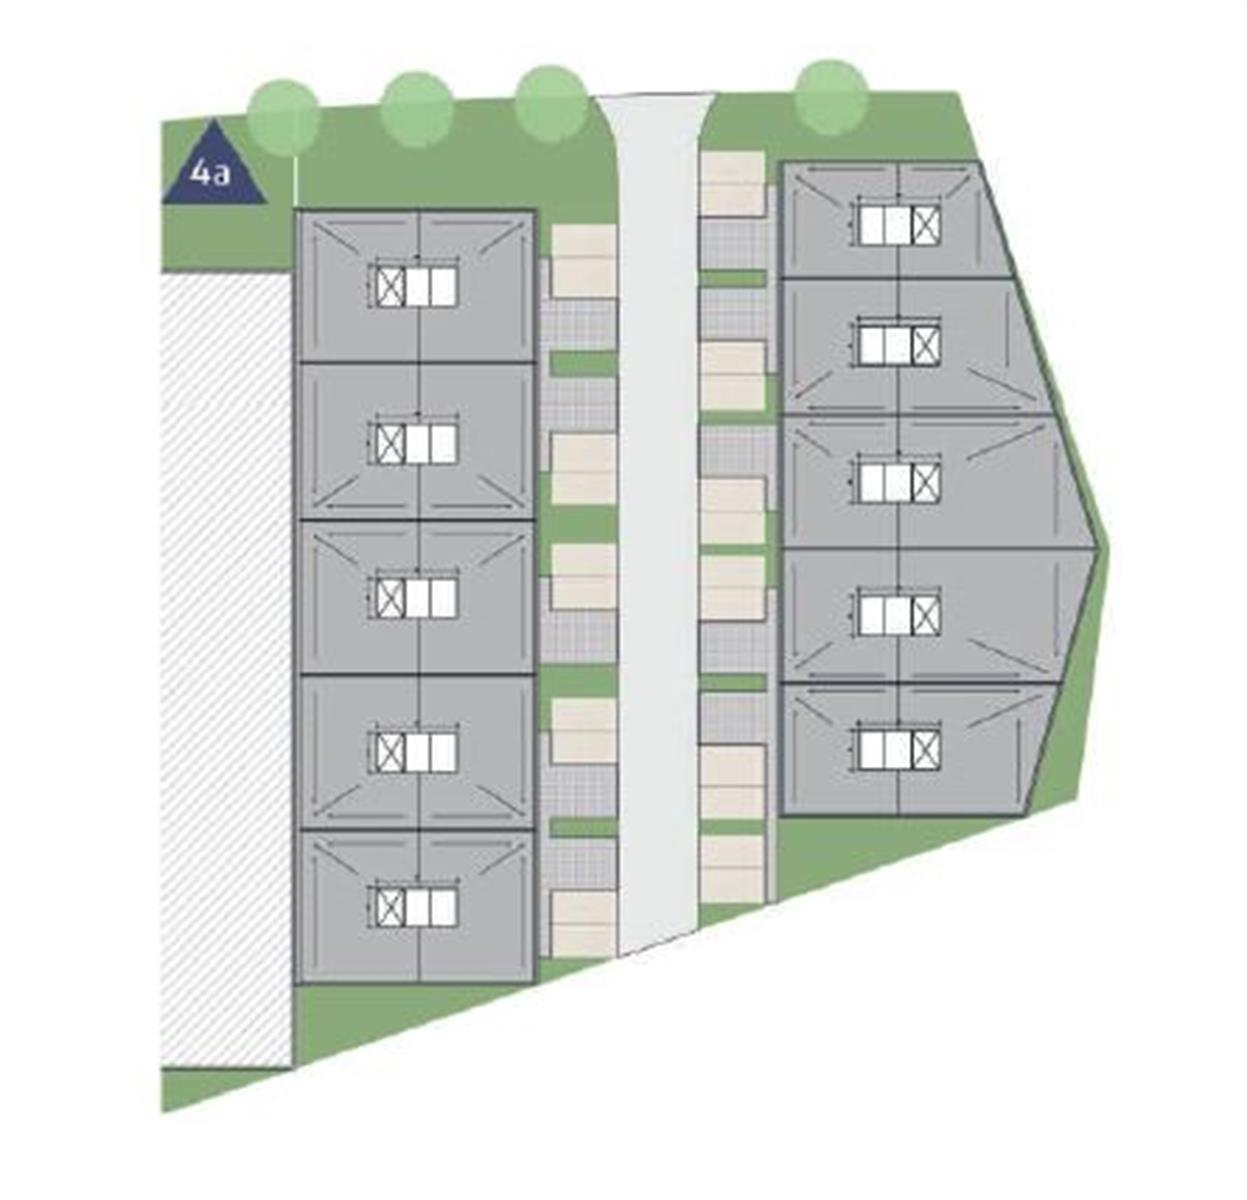 KMO-unit verkocht UNIT 4.1.4 Bollaarstraat 6